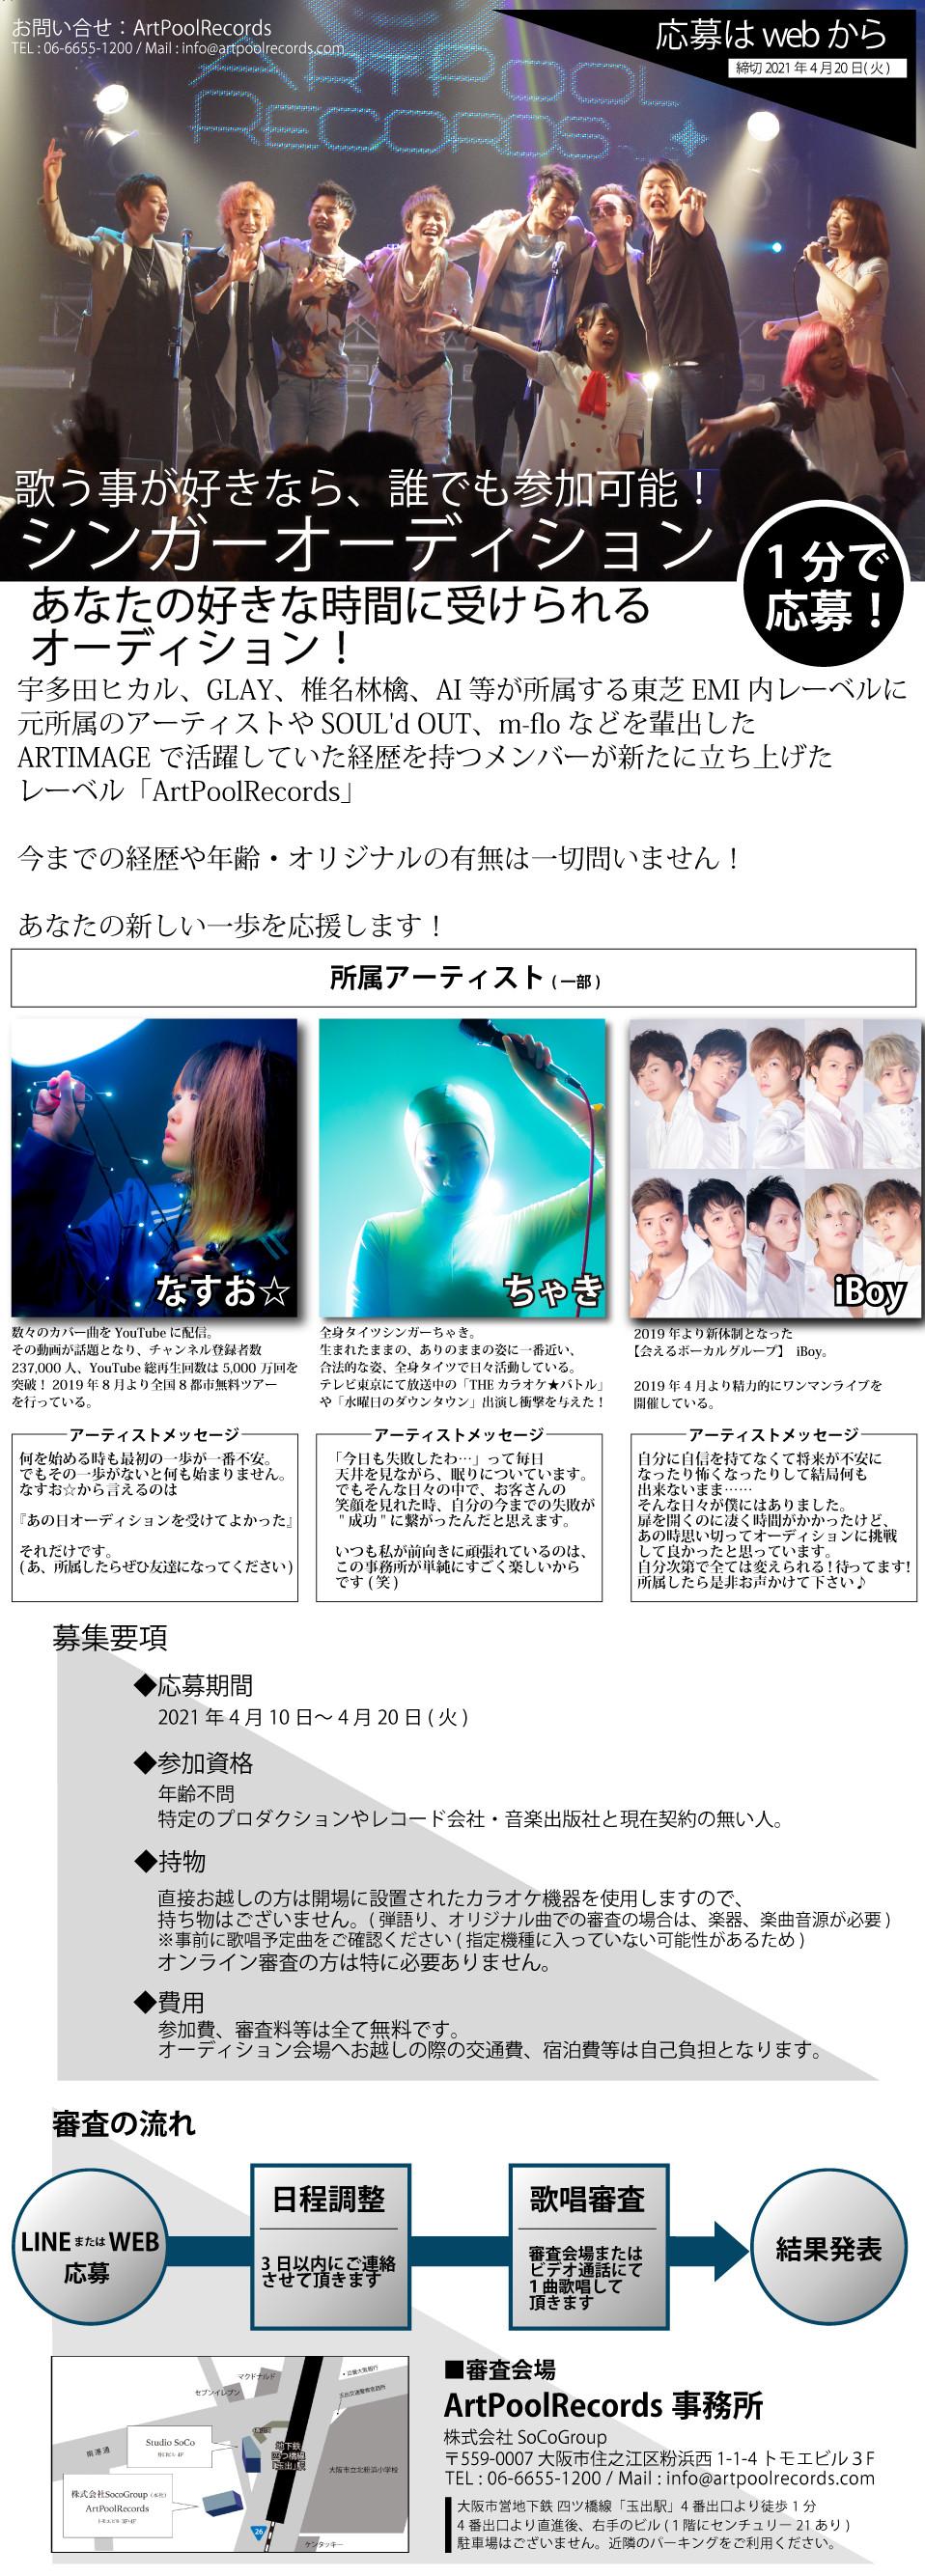 4月20日普通_締切分HP.jpg